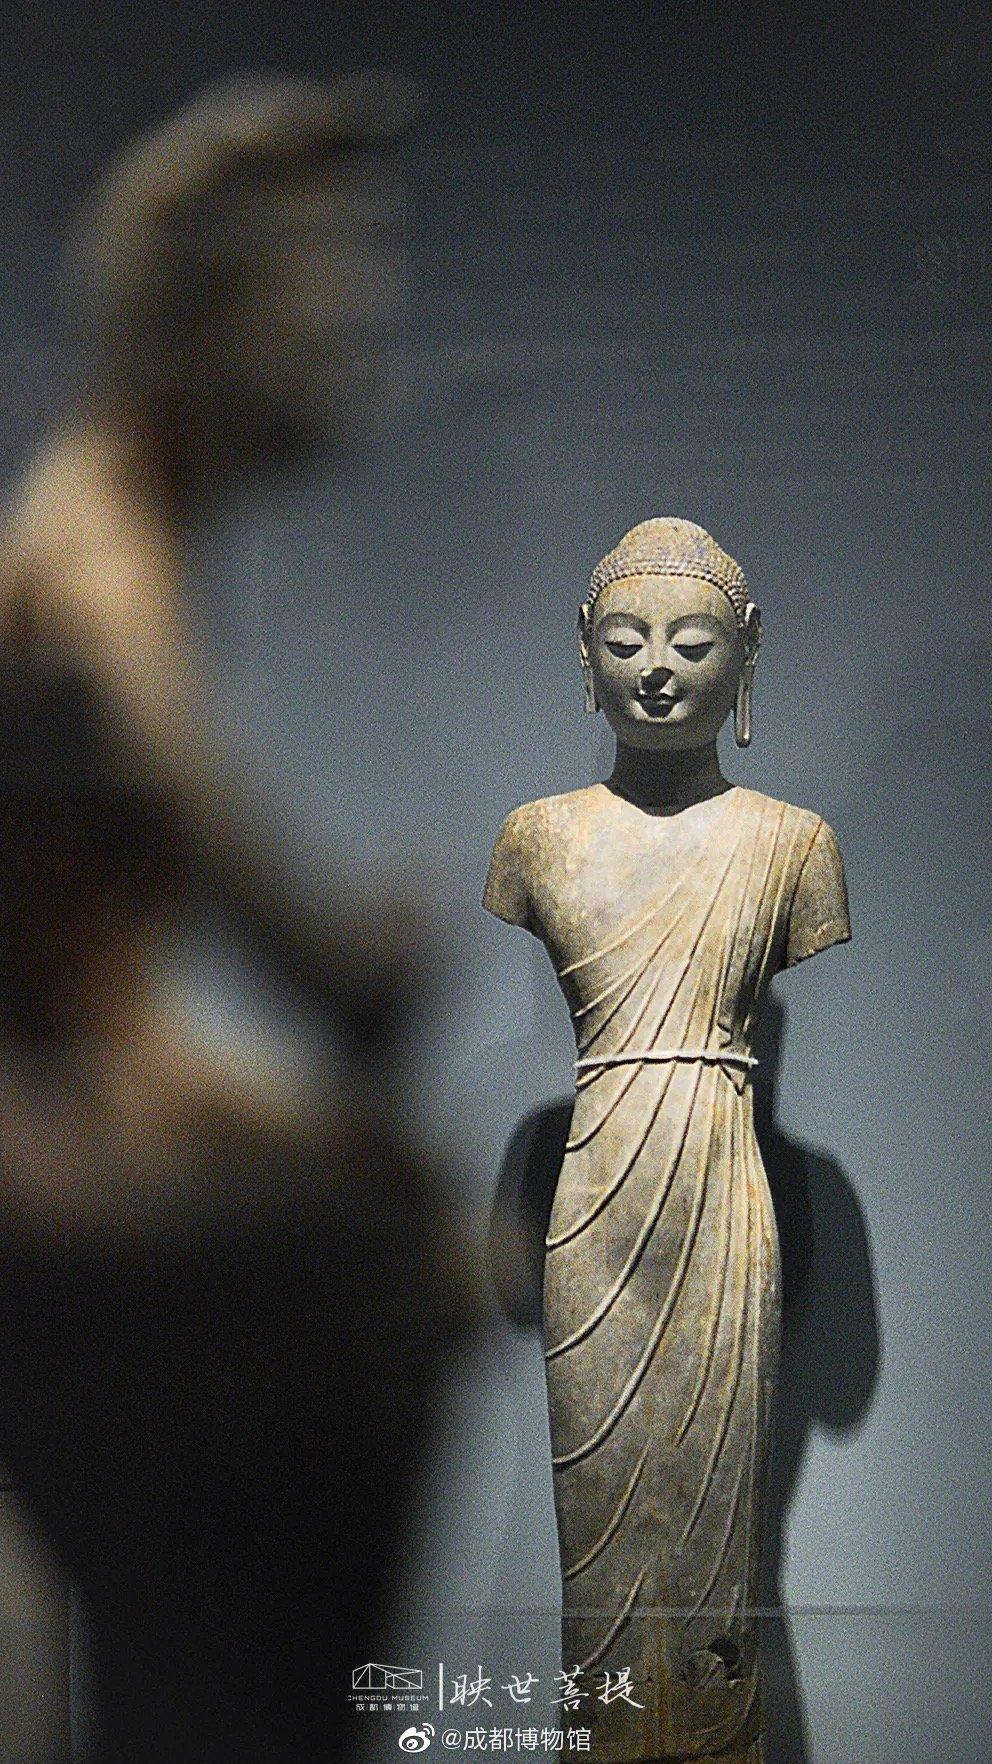 看到不少盆友点赞成都博物馆的《映世菩提》南北朝佛造像大展了